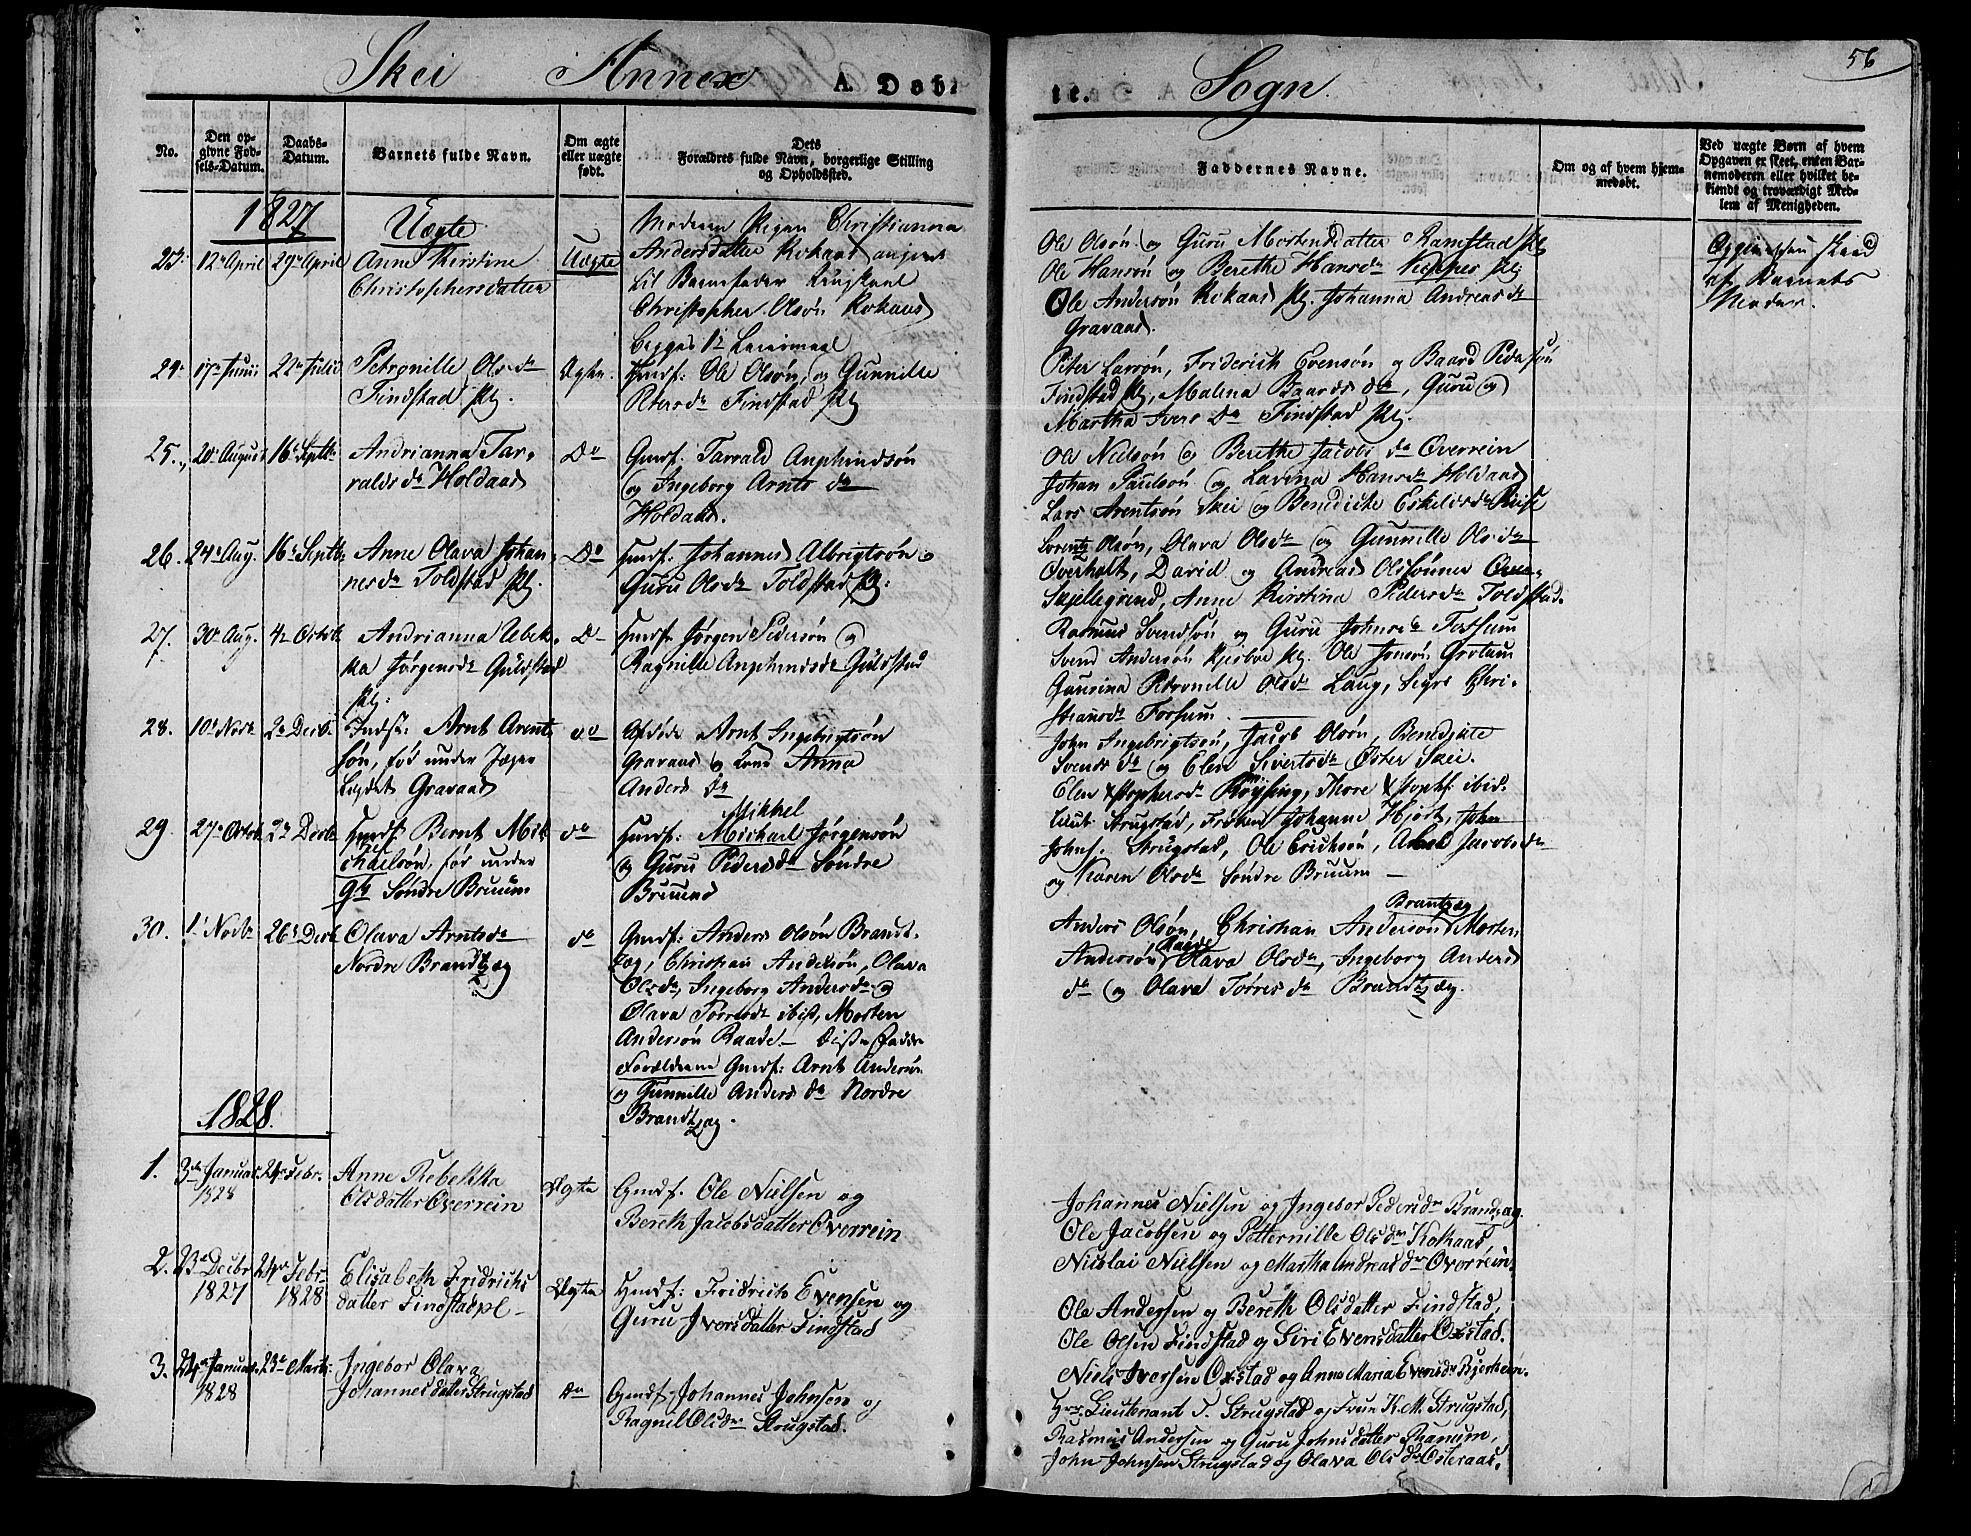 SAT, Ministerialprotokoller, klokkerbøker og fødselsregistre - Nord-Trøndelag, 735/L0336: Parish register (official) no. 735A05 /2, 1825-1835, p. 56